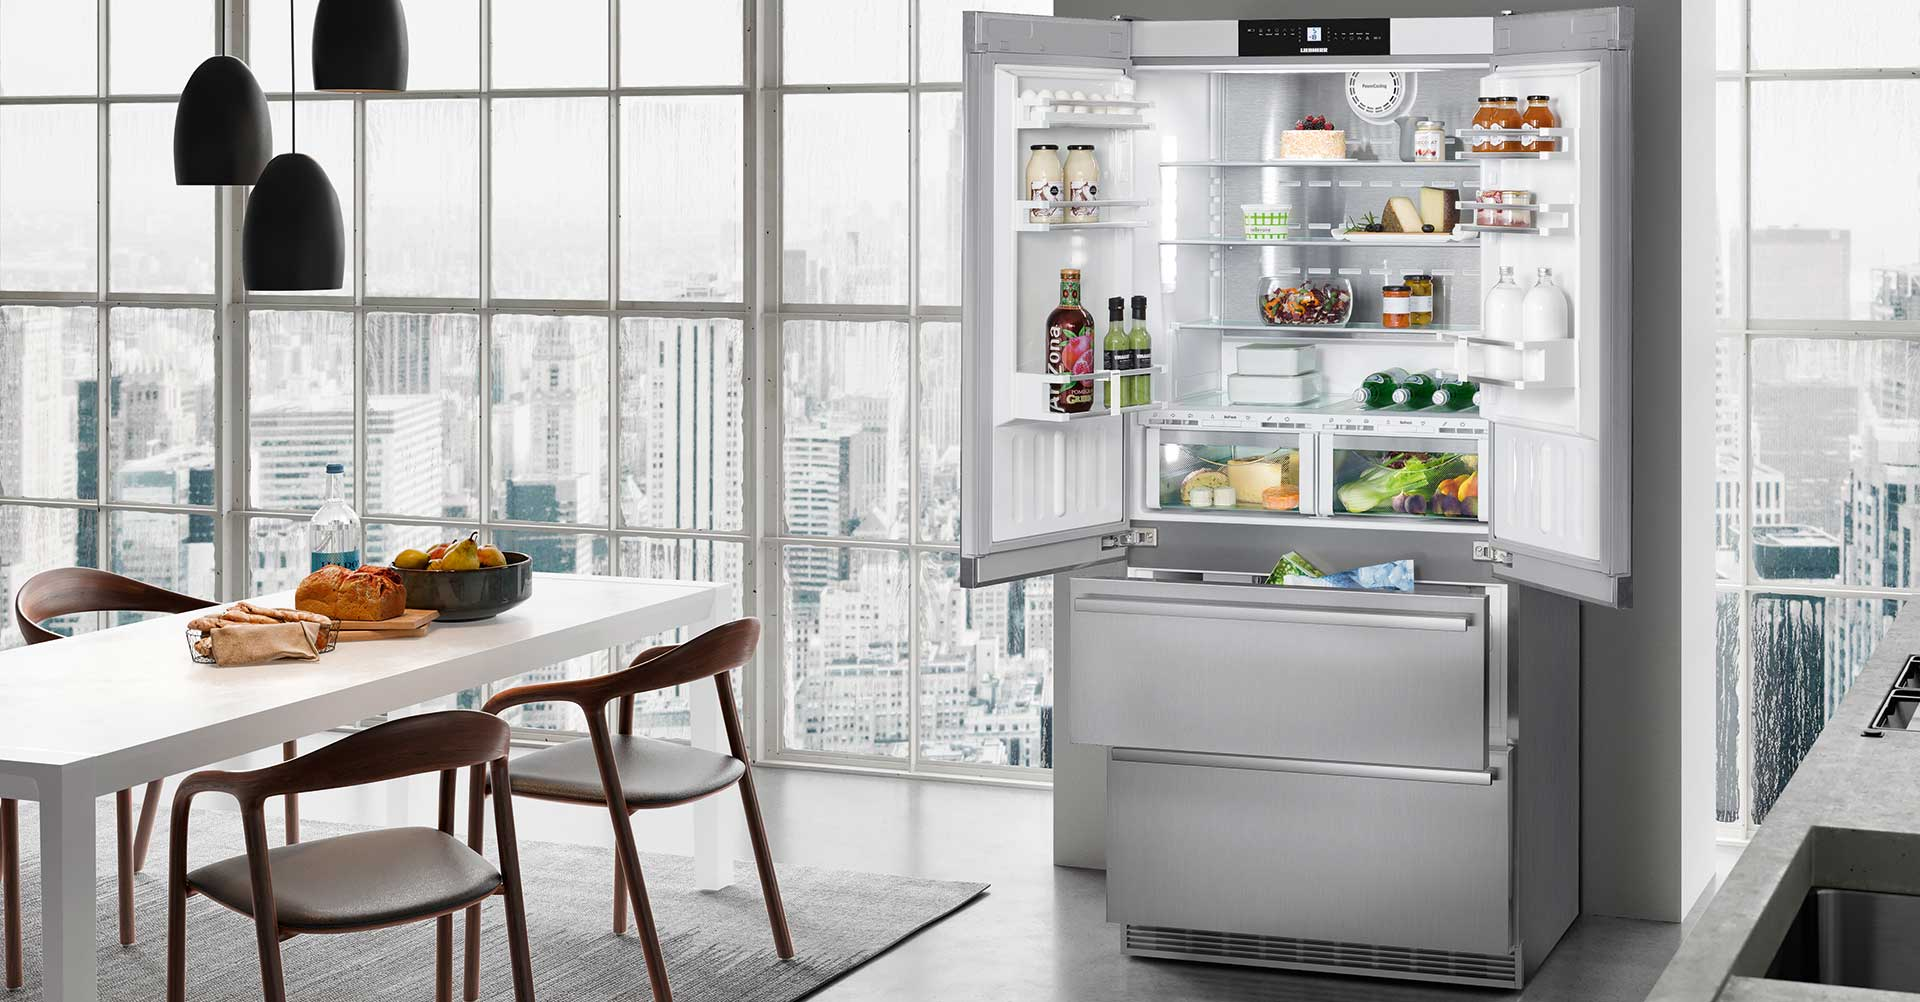 Kühlschrank Erfrischer : Nützliche haushaltstipps für kühlschrank und gefriertruhe freshmag